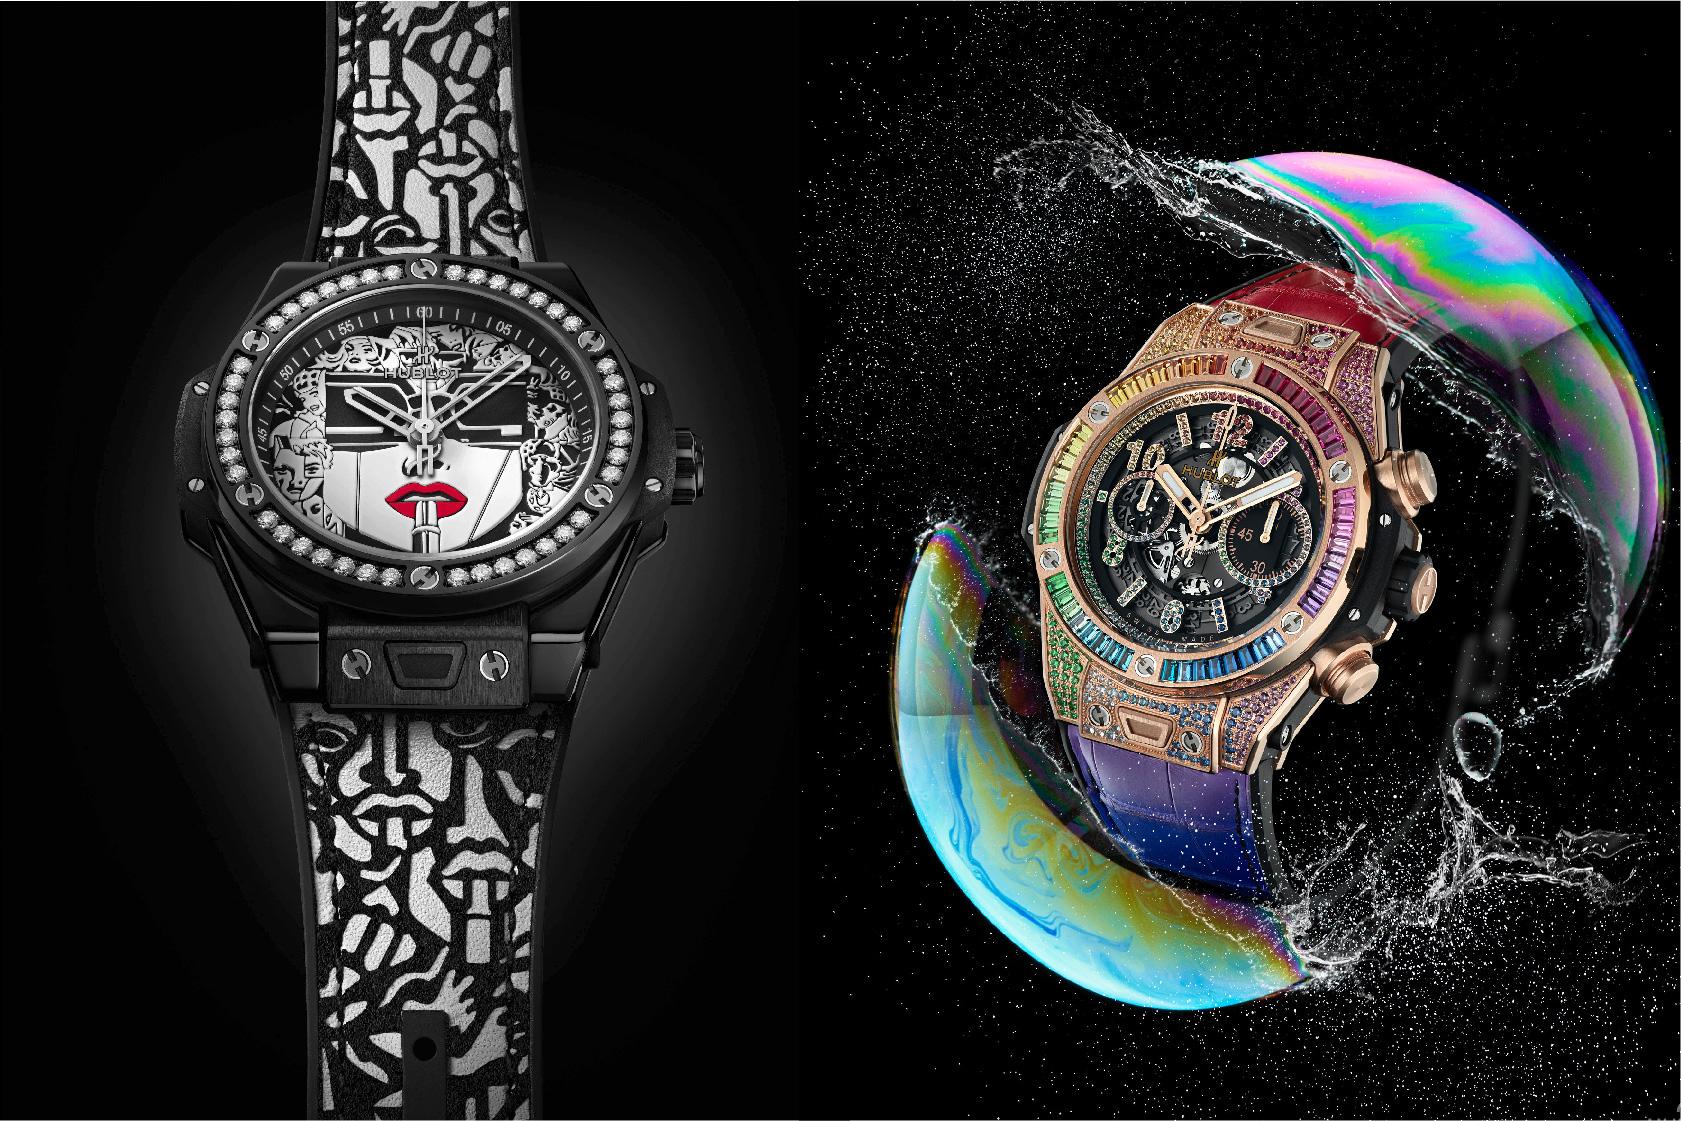 融合的藝術|宇舶錶期間限定店展現兩只全新摩登腕錶